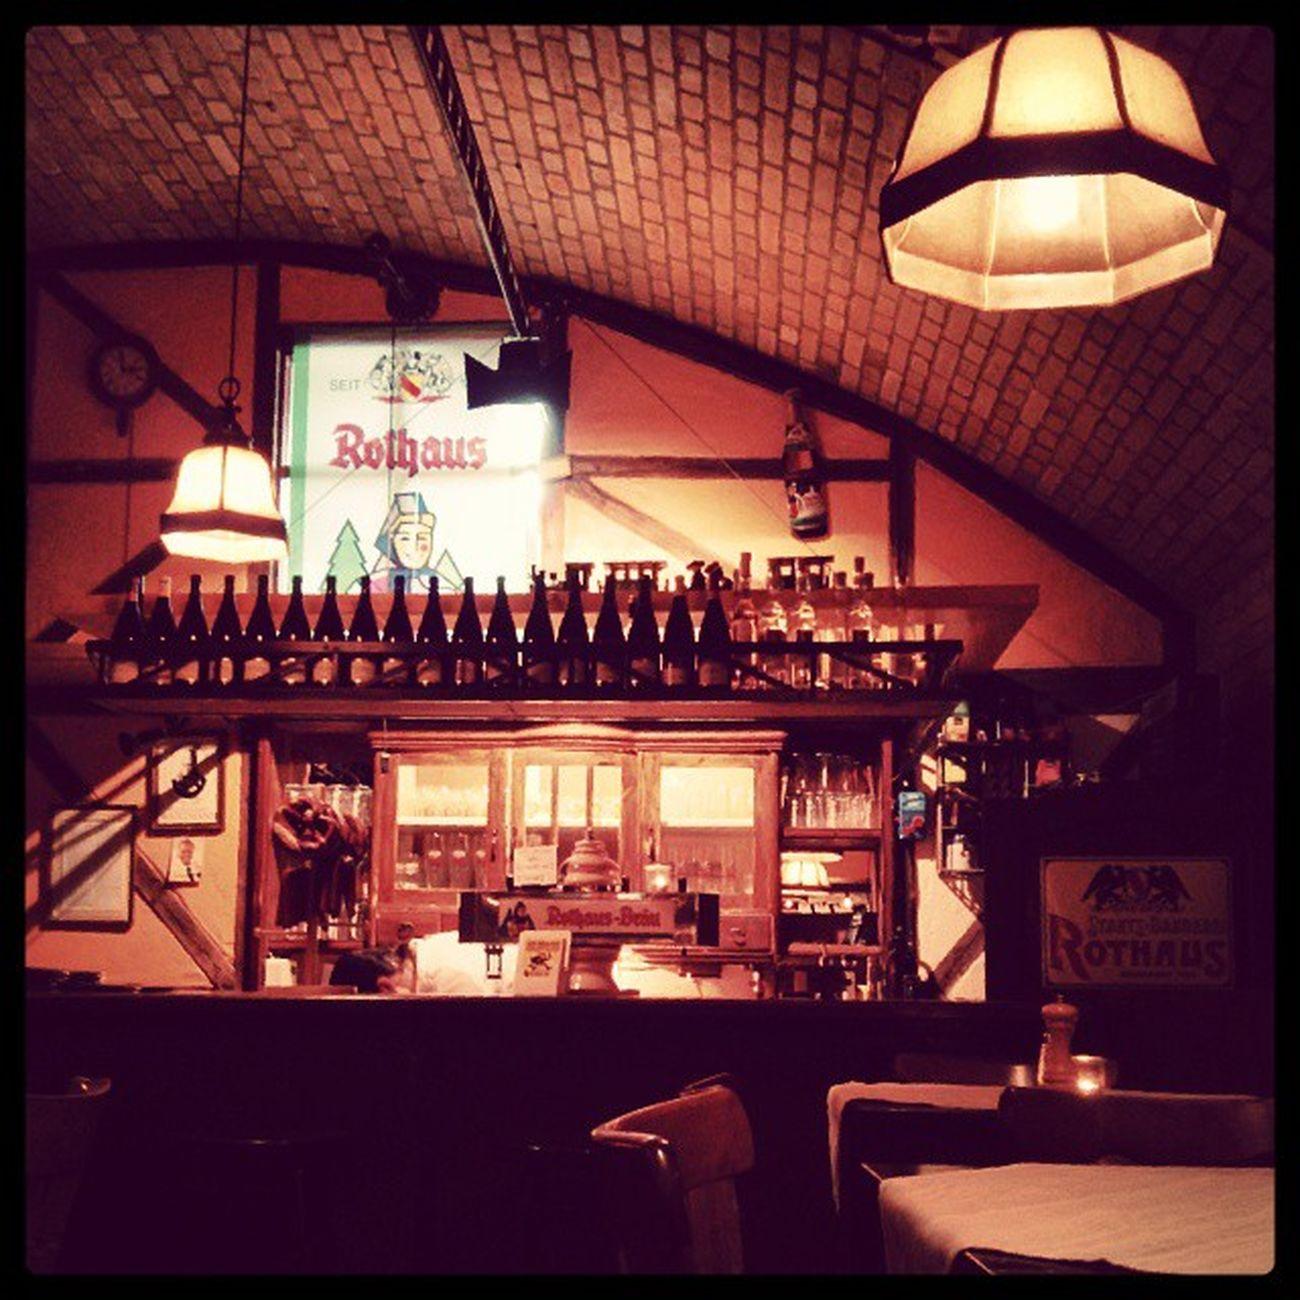 Jetzt gibt es erstmal Kässpätzle im Schwäbischen Spätzle-alitäten Restaurant.